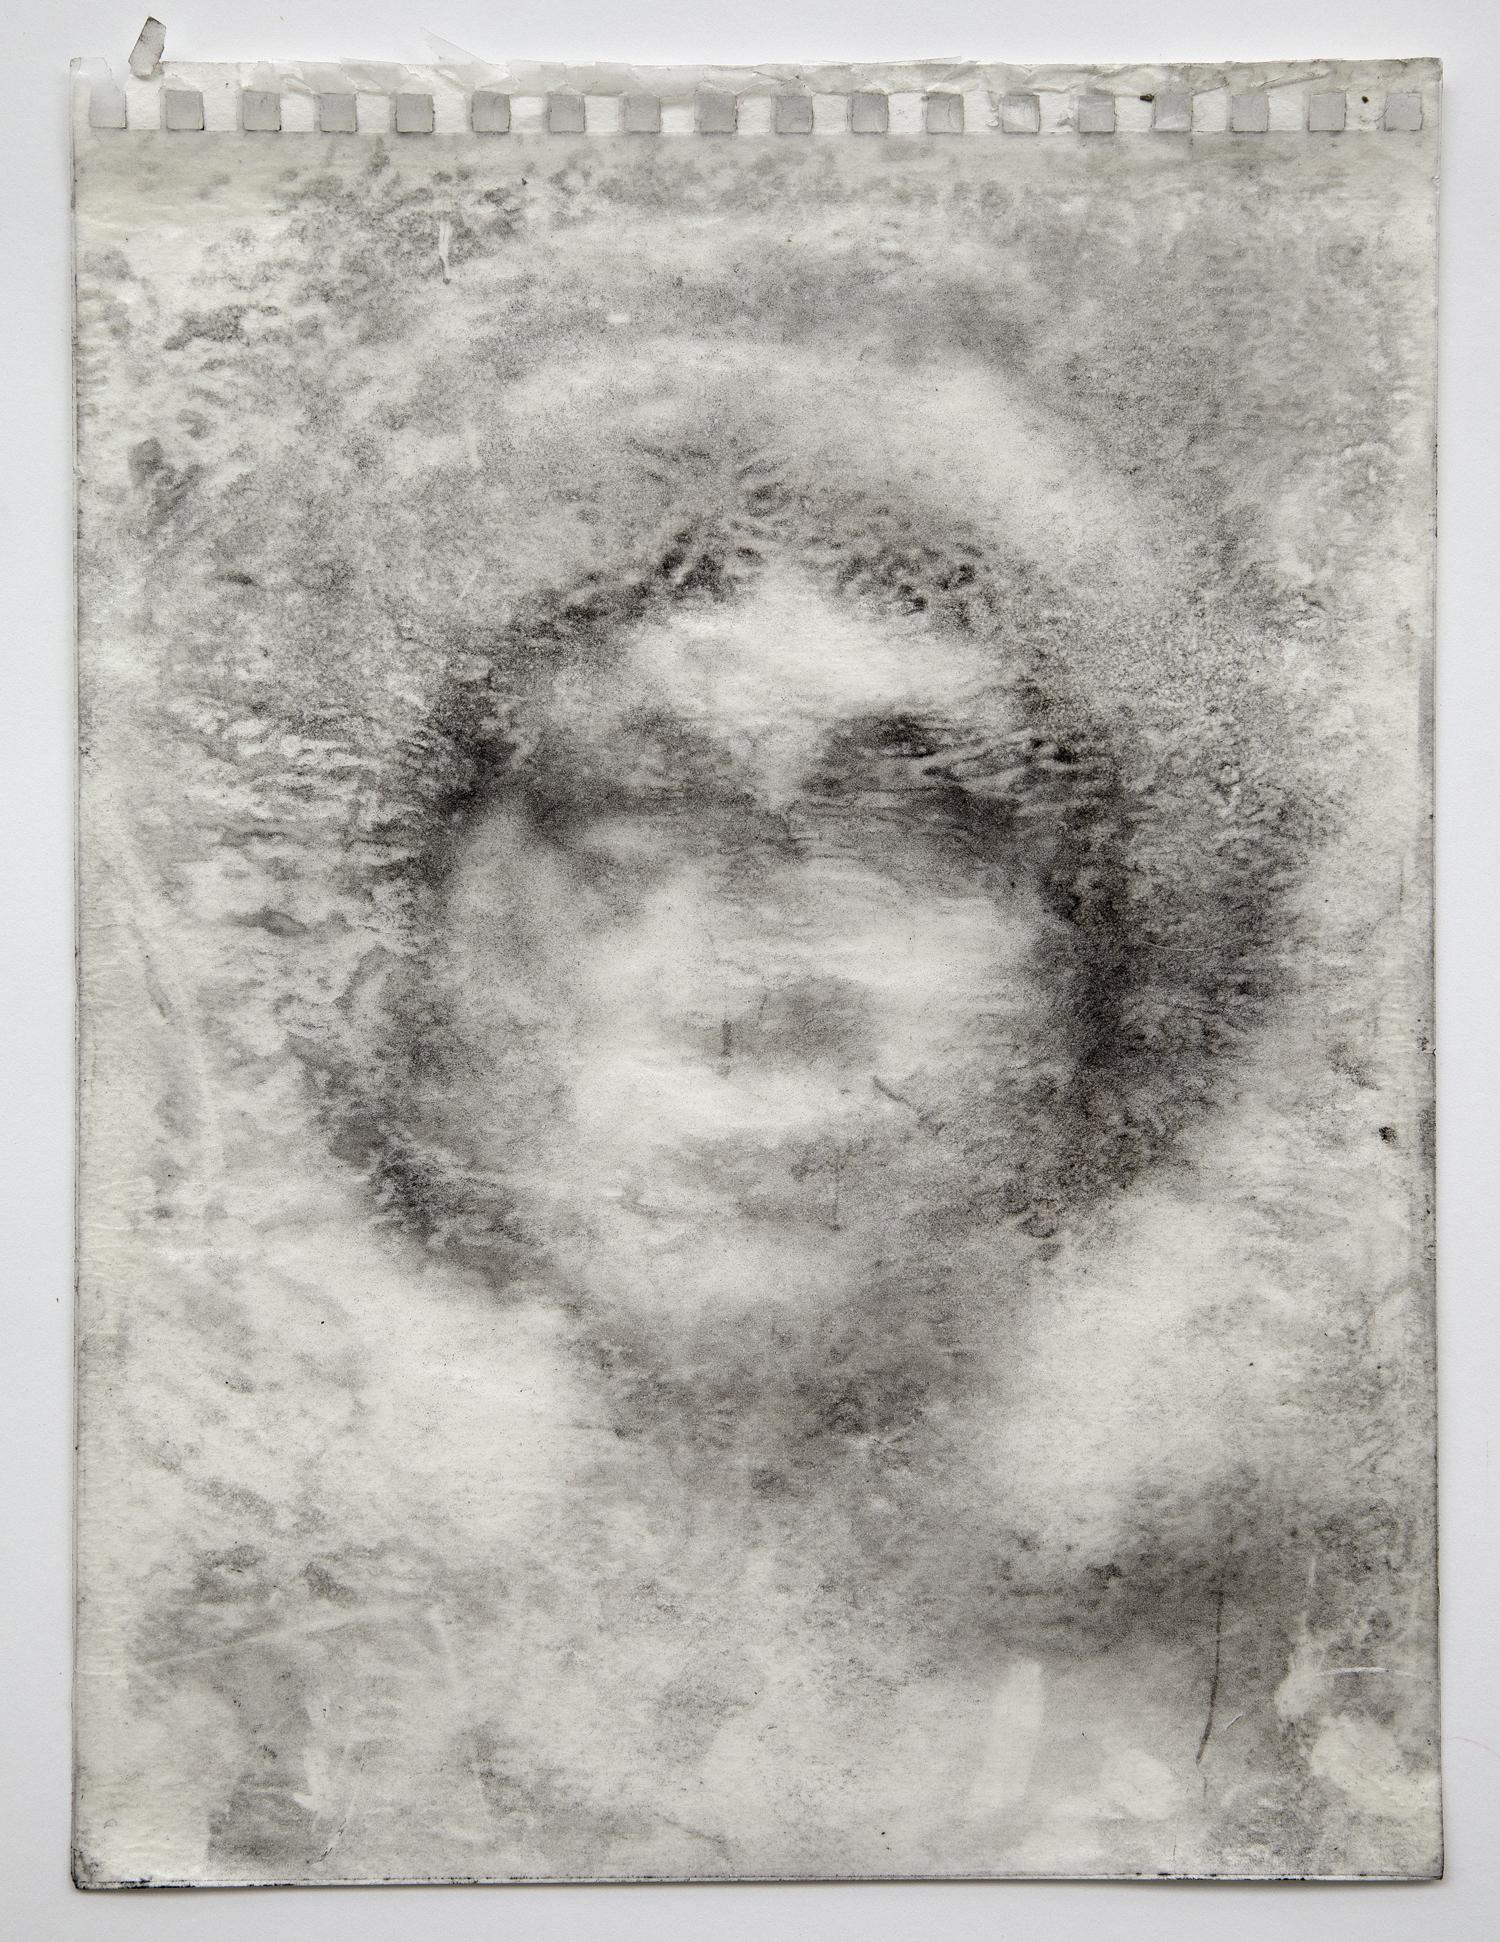 Interleaf Drawing (Byzantine Head), 2012